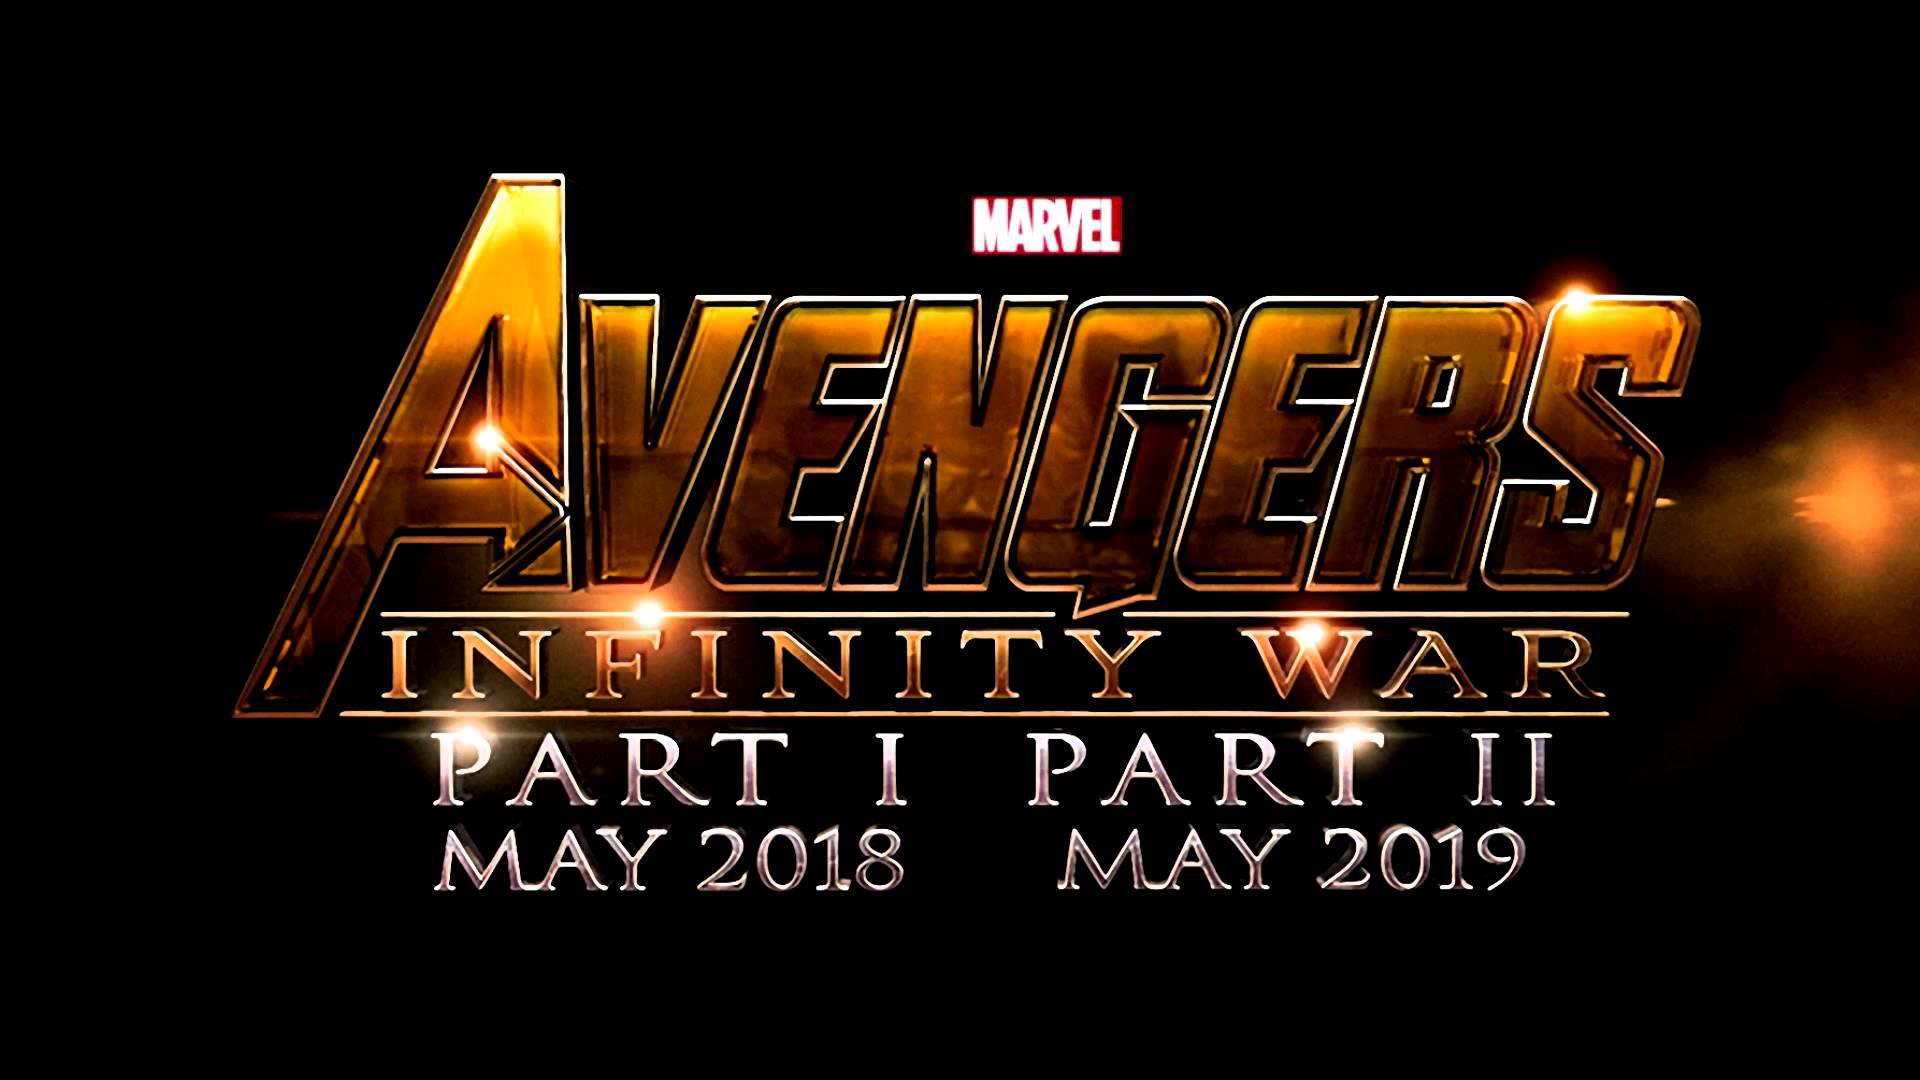 Avengers Infinity War Part II Wallpapers